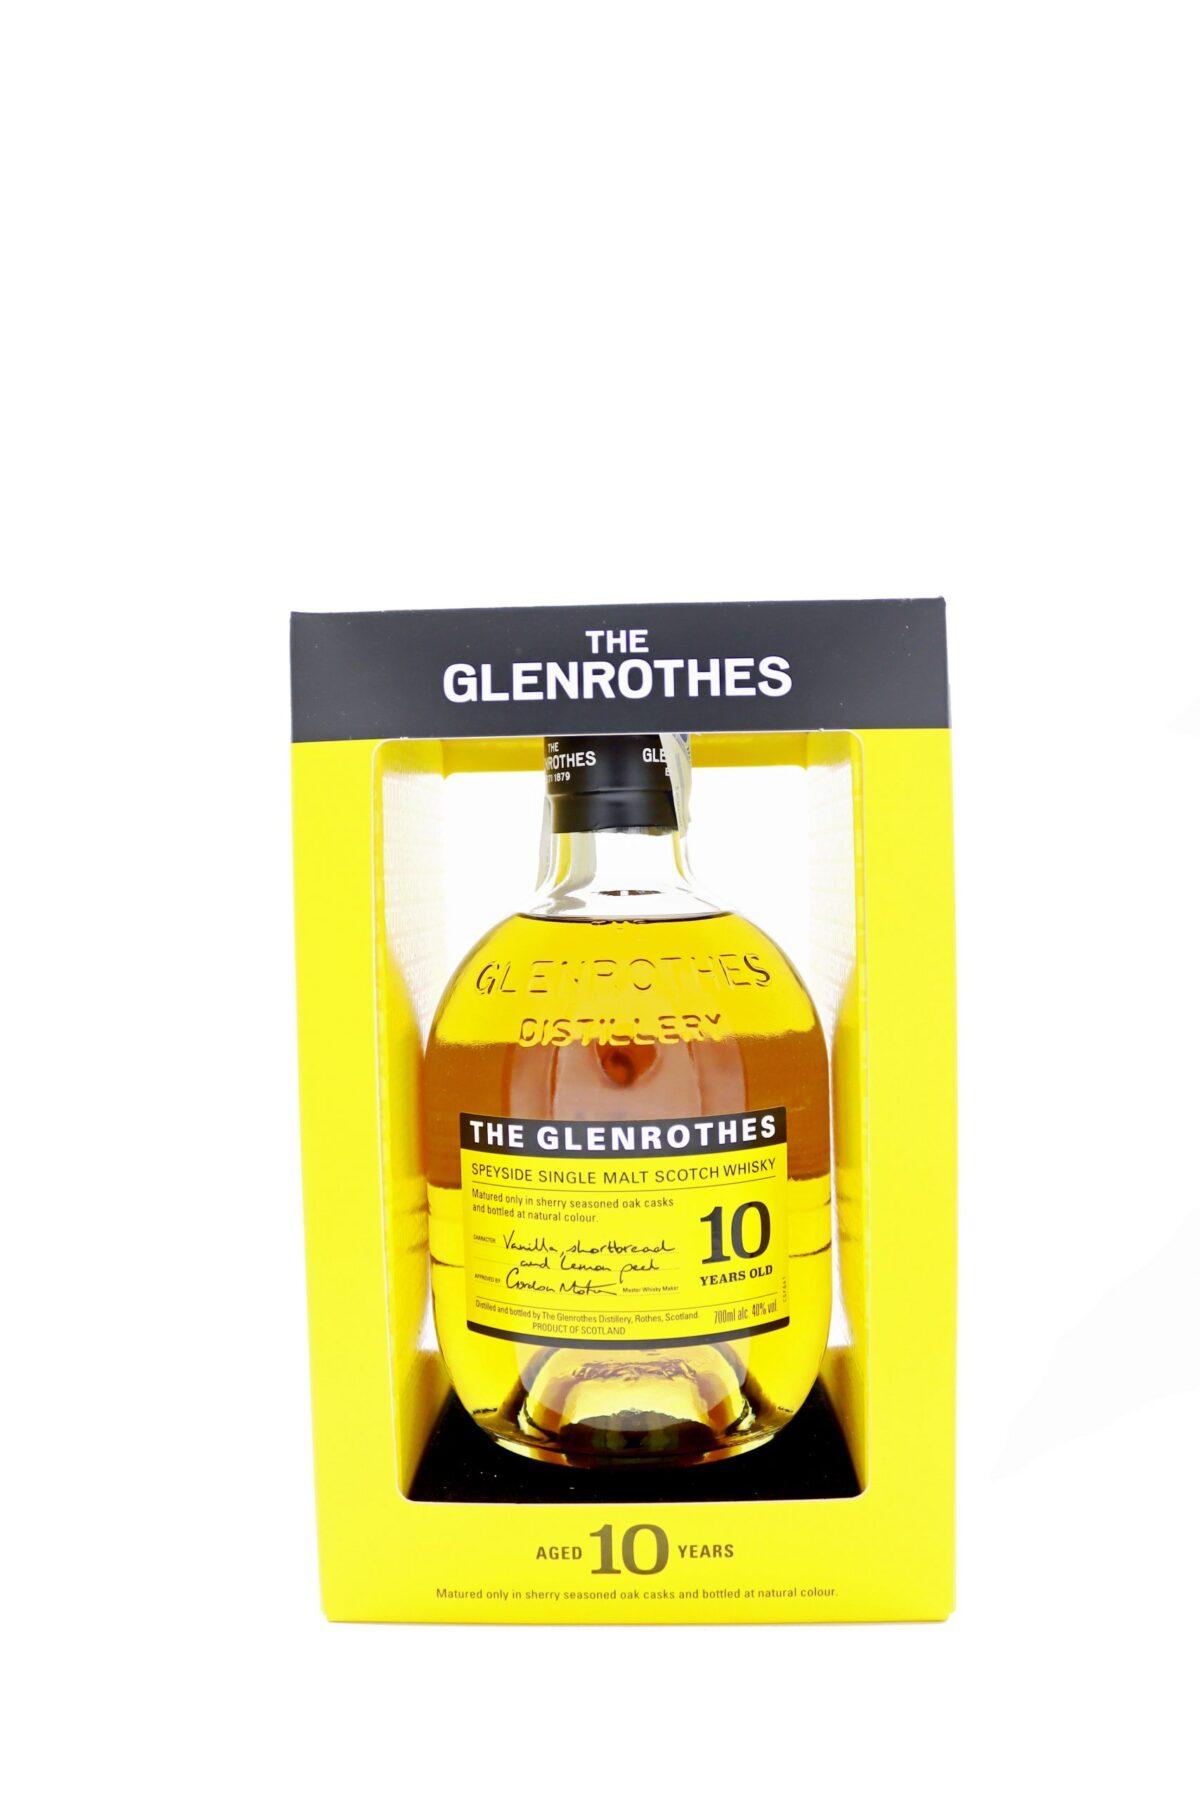 THE GLENDROTHES 10 AÑOS - bodega montferry